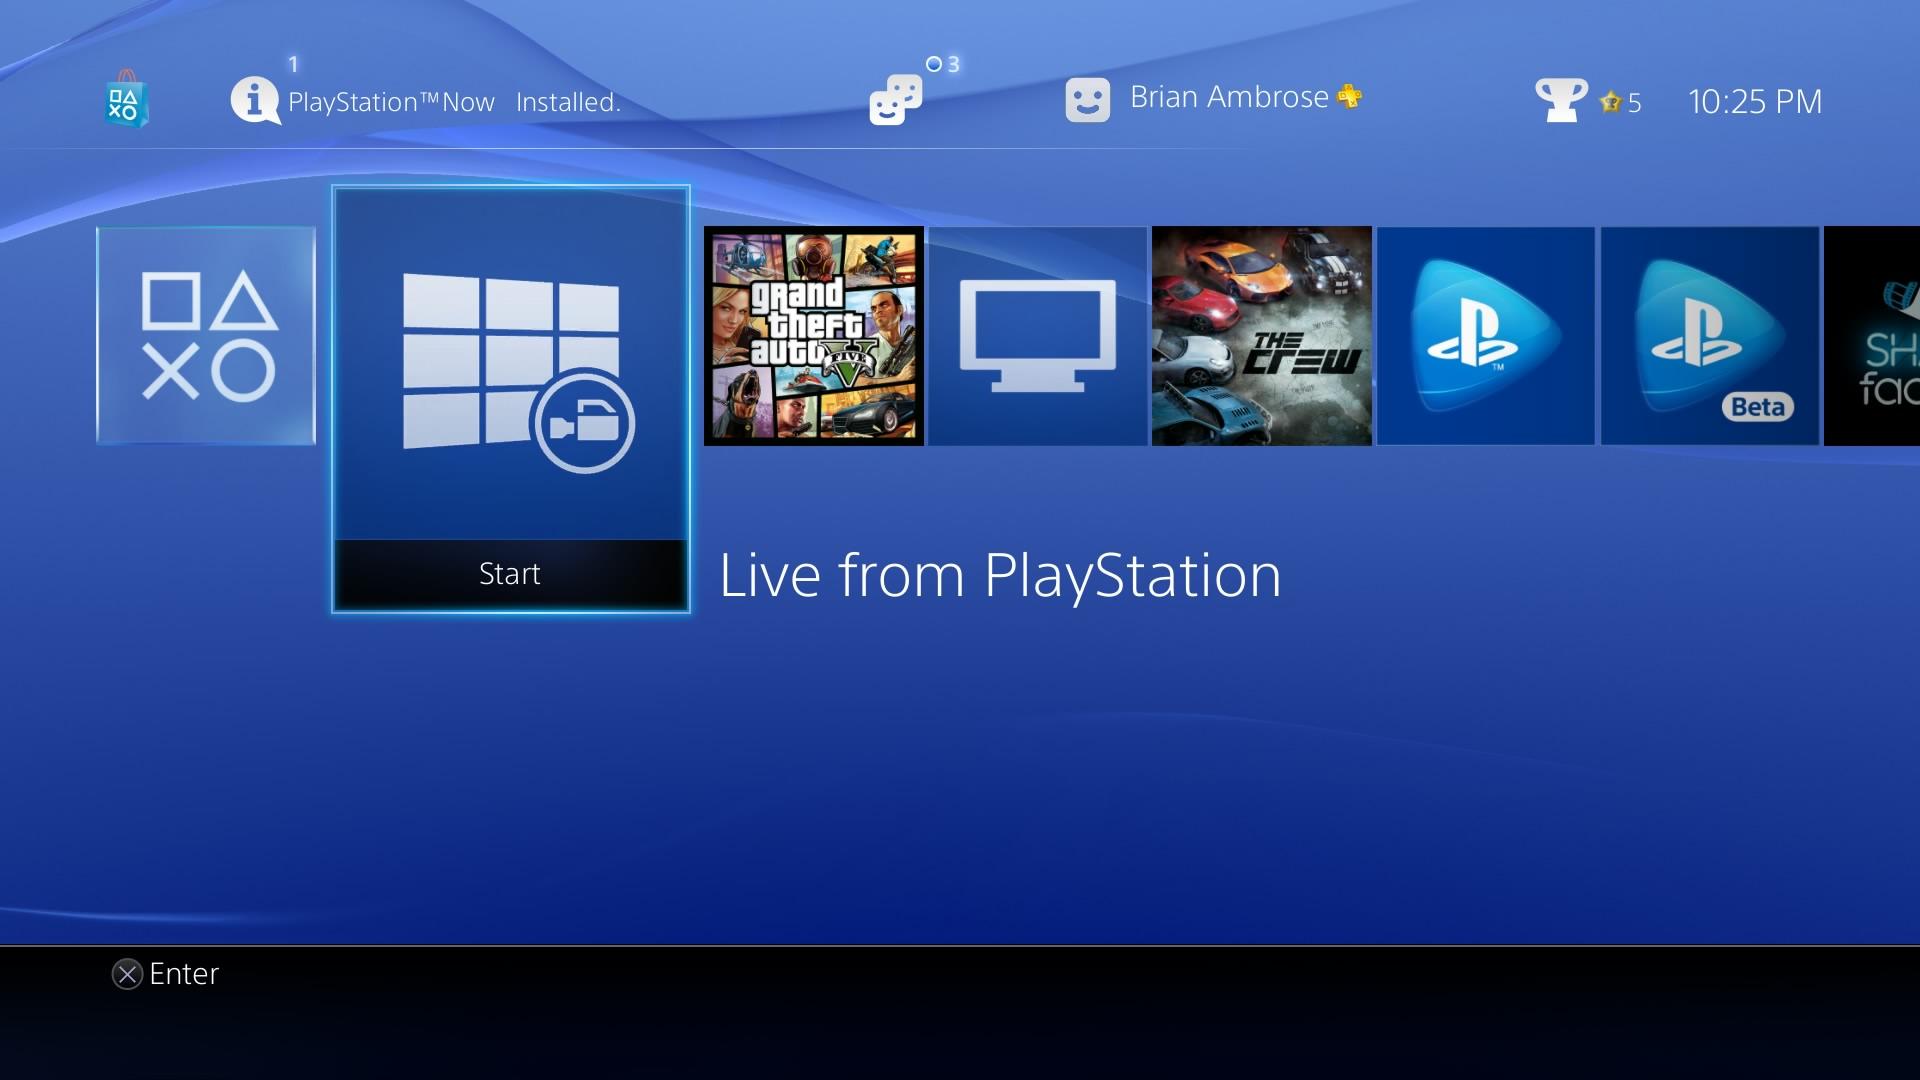 آموزش share کردن گیمپلی PS4 بر روی توئیچ، یوتیوب یا Dailymotion